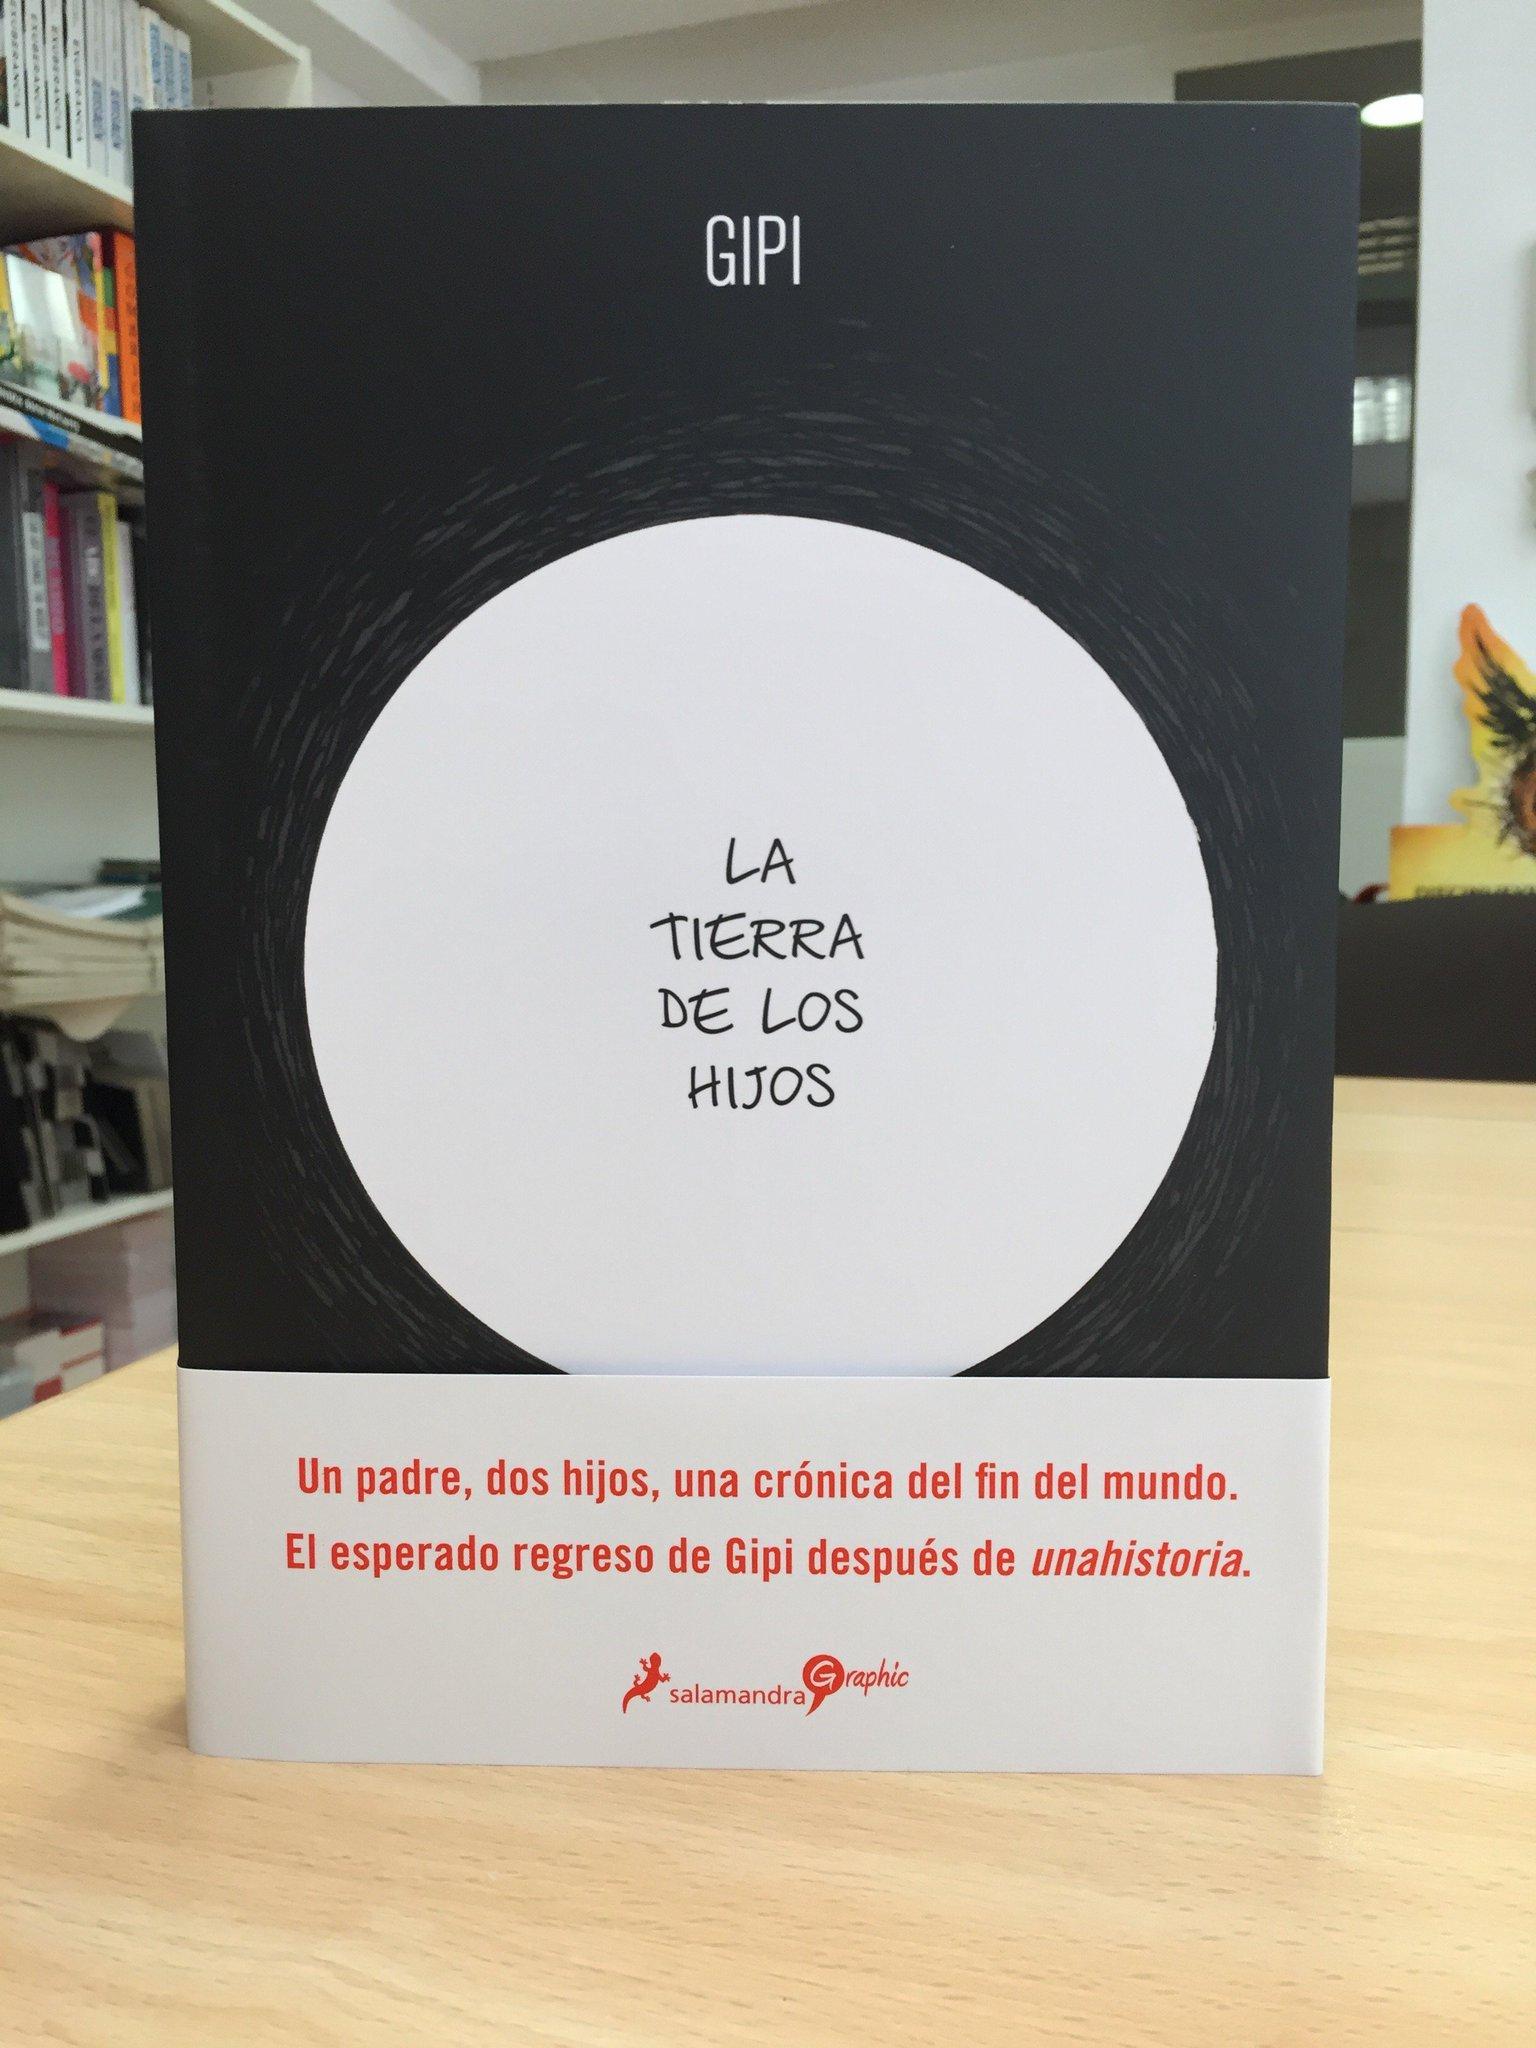 """Acaba de llegar, recién salida de imprenta, """"La tierra de los hijos"""", la premiada e internacionalmente aclamada nueva obra de Gipi. A la venta el próximo jueves 5 de abril. https://t.co/w43Y4CYw3v"""